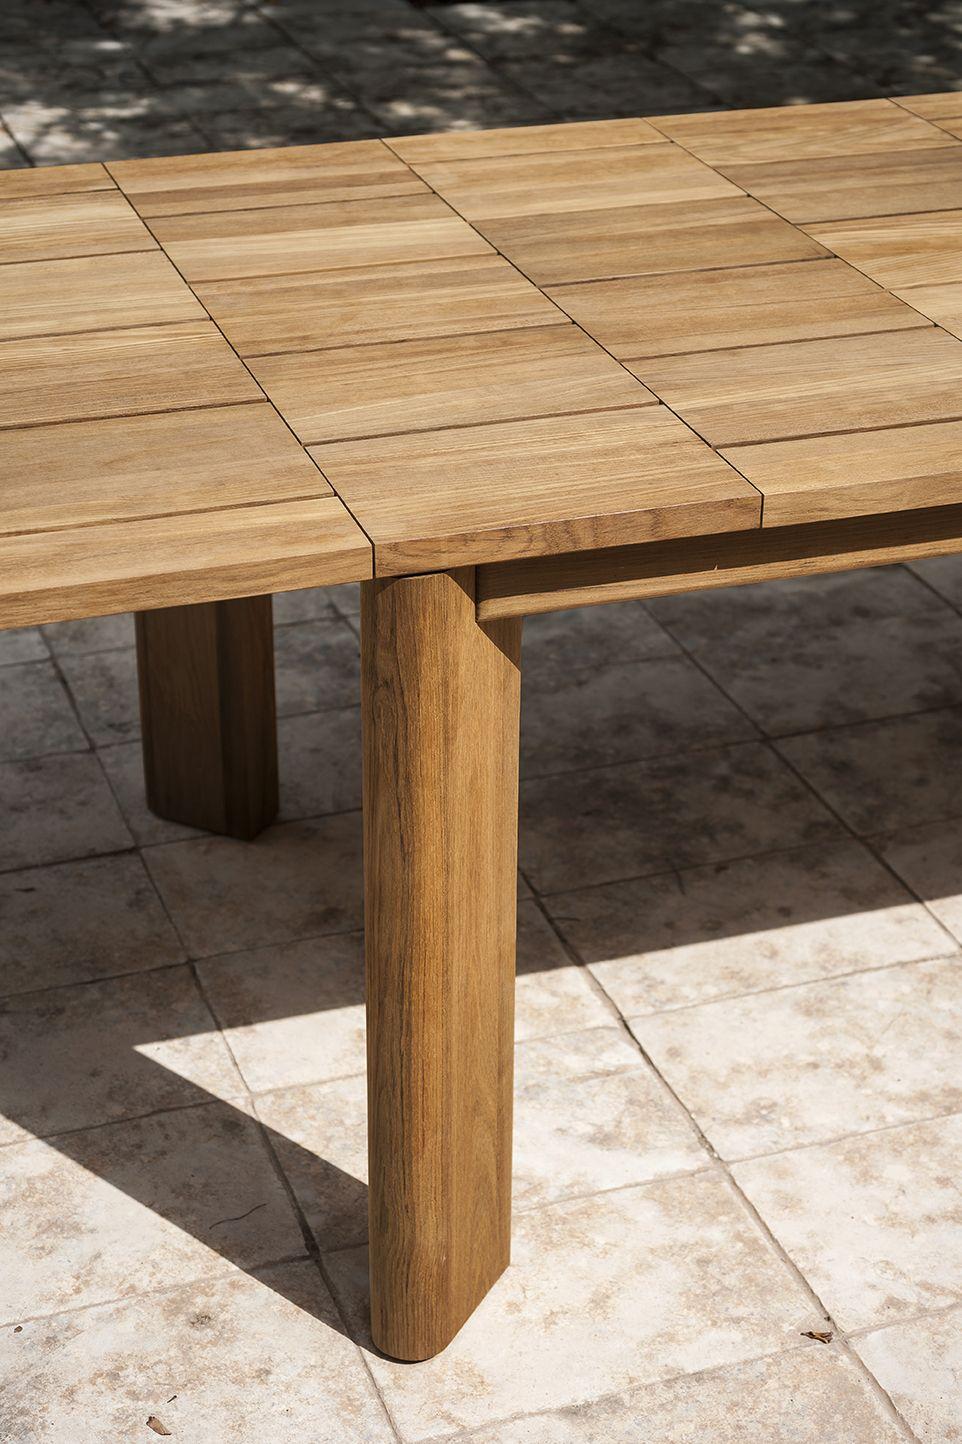 Brick 002 Extendable Table Roda Table Teak Table Table Furniture [ 1444 x 962 Pixel ]